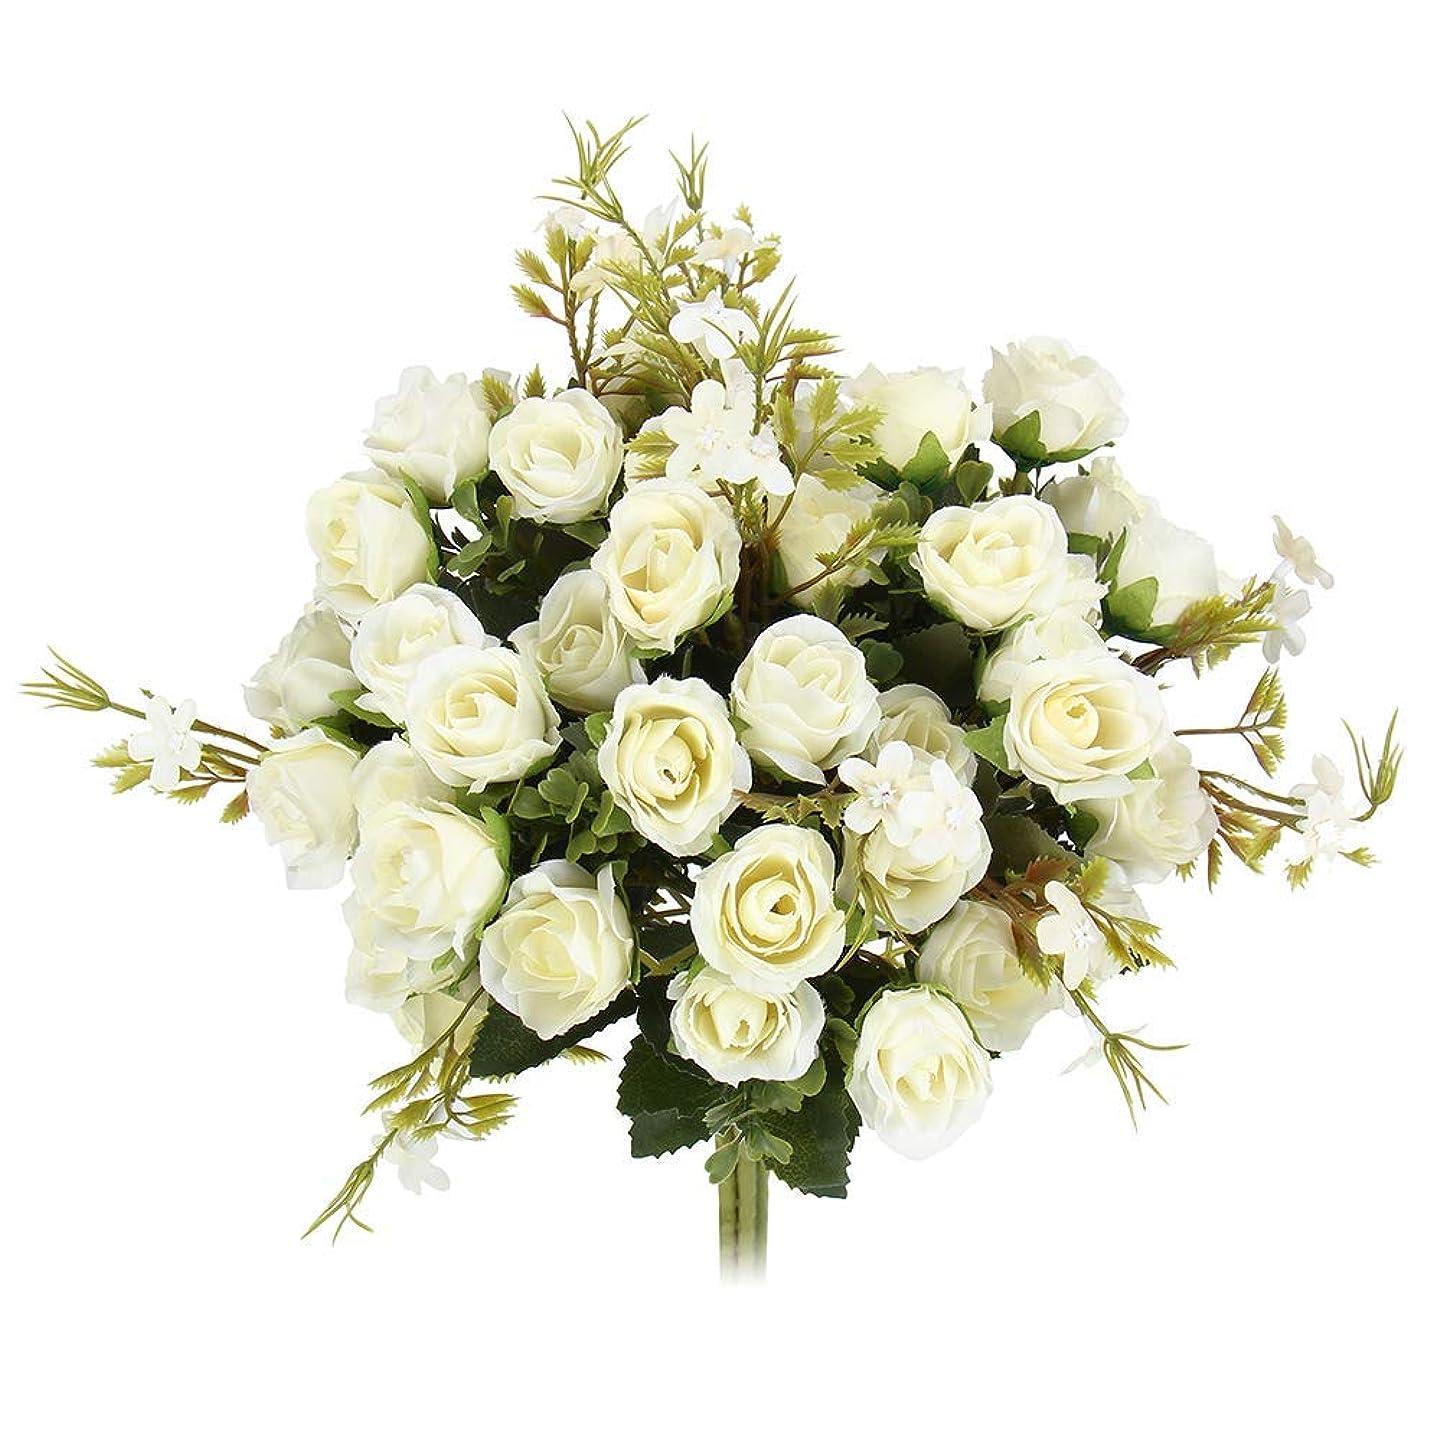 名目上の忠実にカリキュラム4本セット造花バラ 枯れない花 シルクフラワー 造花薔薇 仏花 白【誕生日 お見舞い パーティー結婚式 ウェディングウェルカムスペースインテリア お墓用など最適としてのプレゼント】